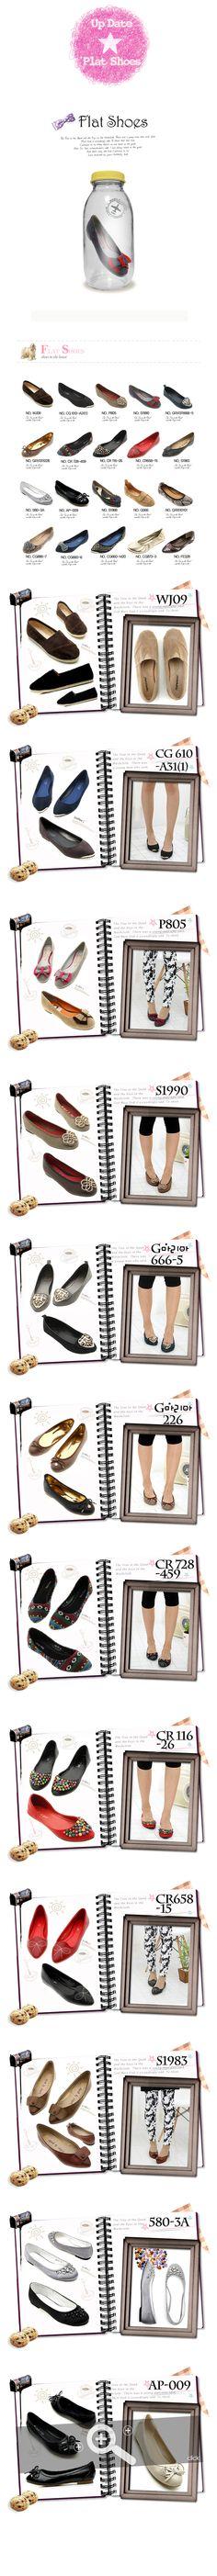 오픈마켓 신발상세 작업